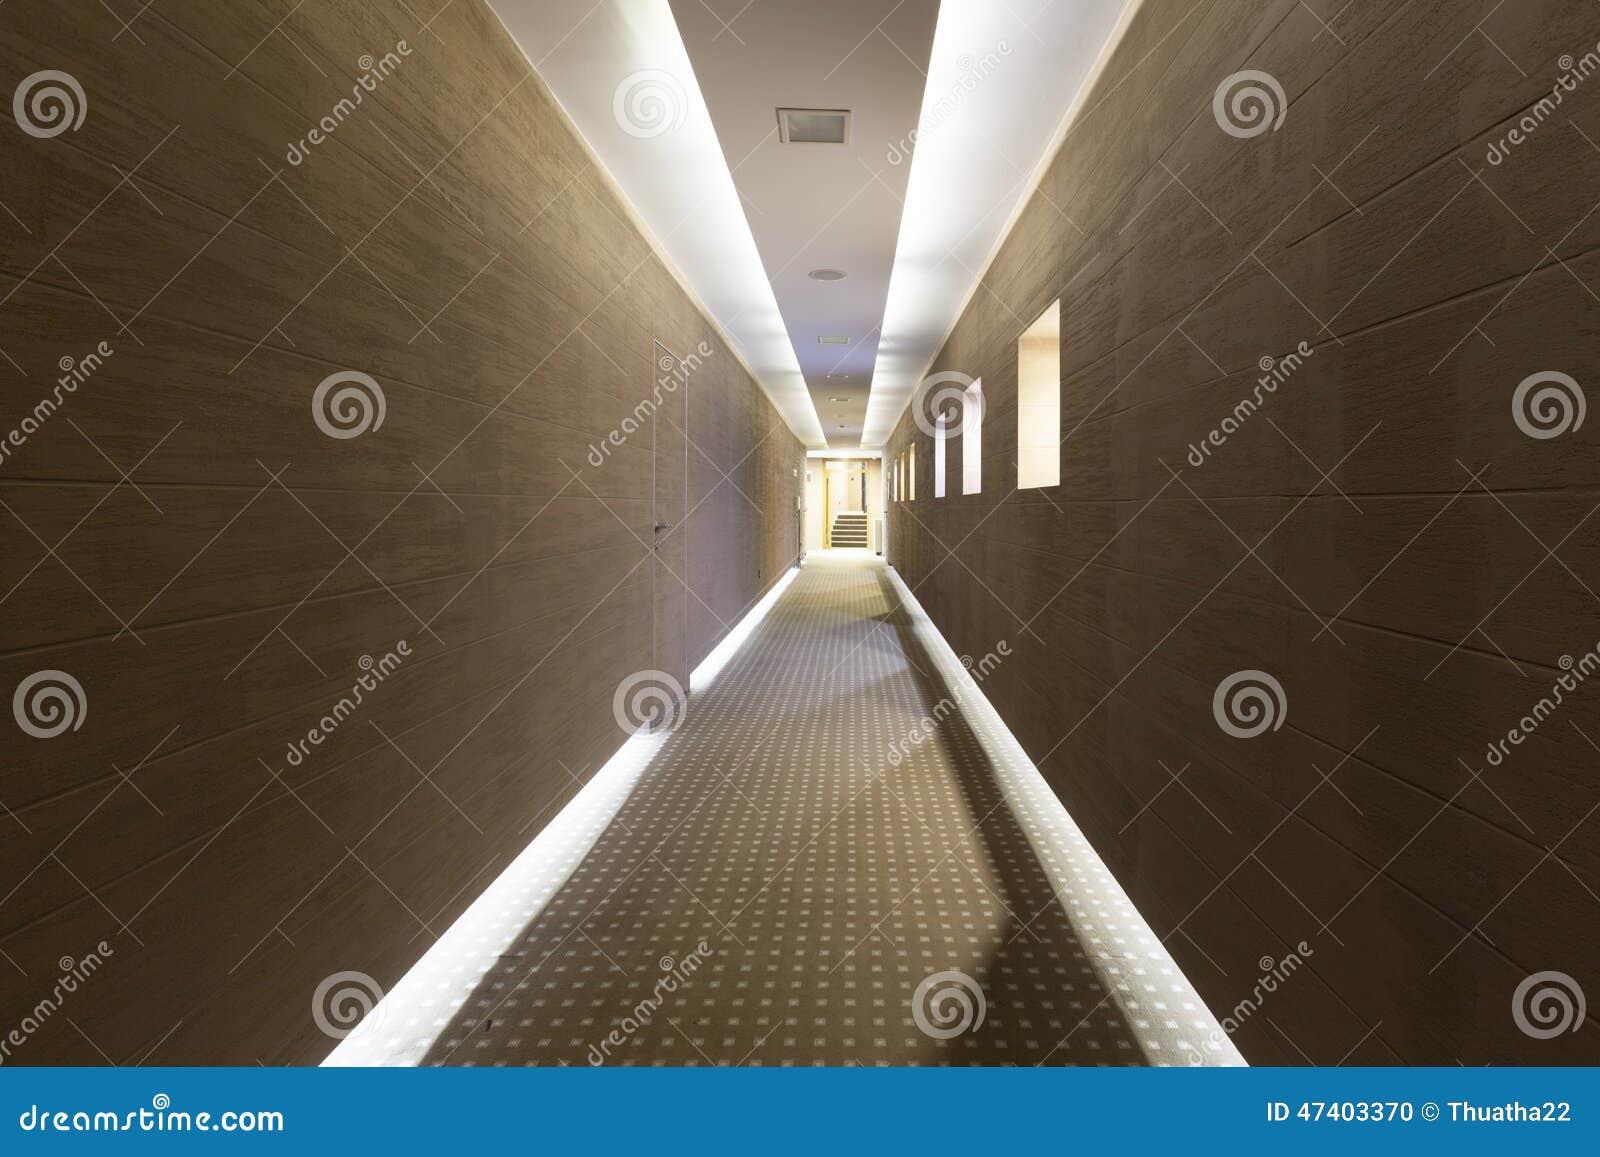 Plafoniere Per Hotel : Corridoio lungo dell hotel con il pavimento e le plafoniere